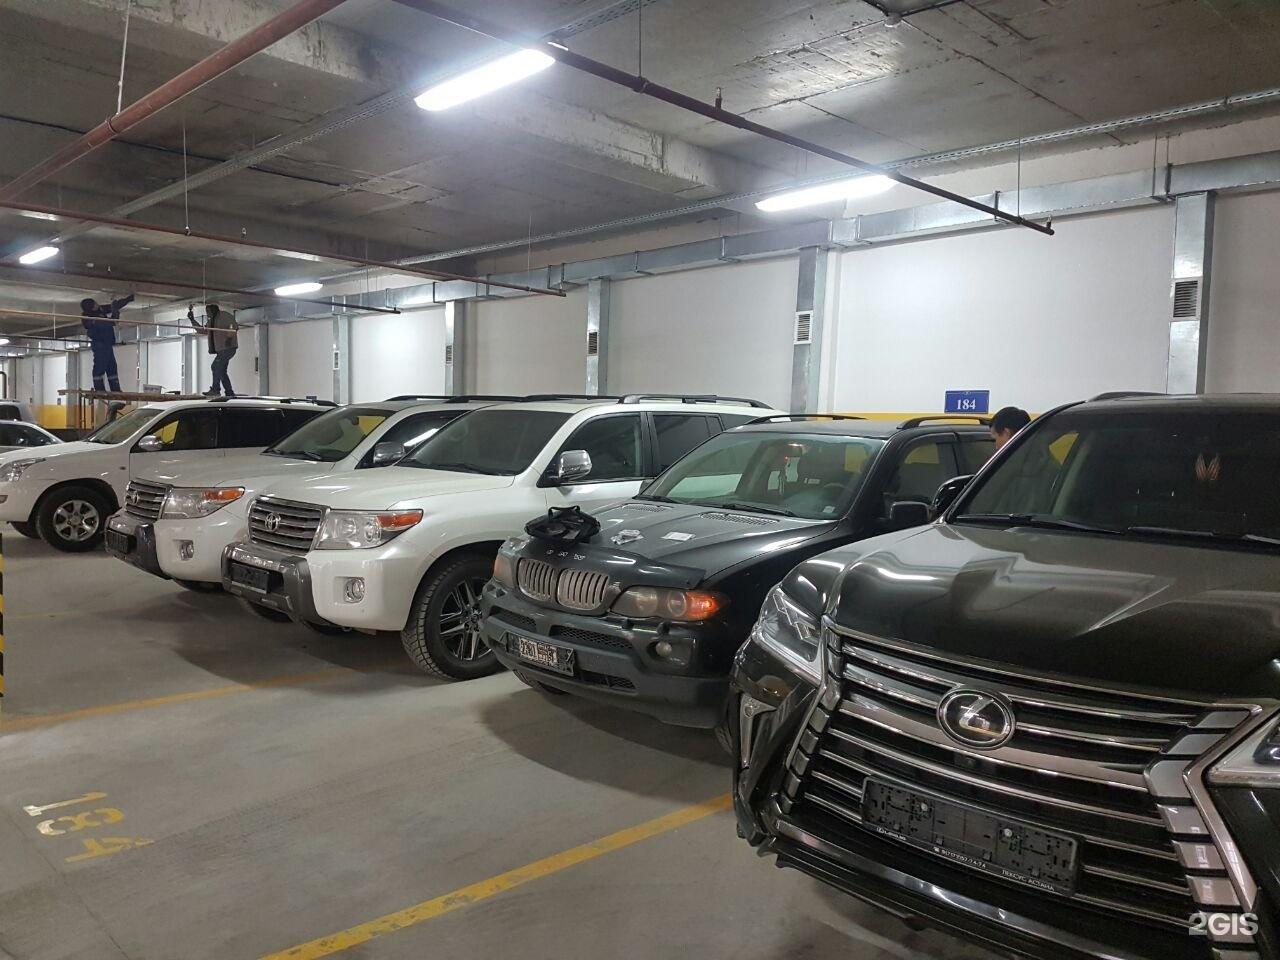 Машины ломбард такси москве в за стоимость час